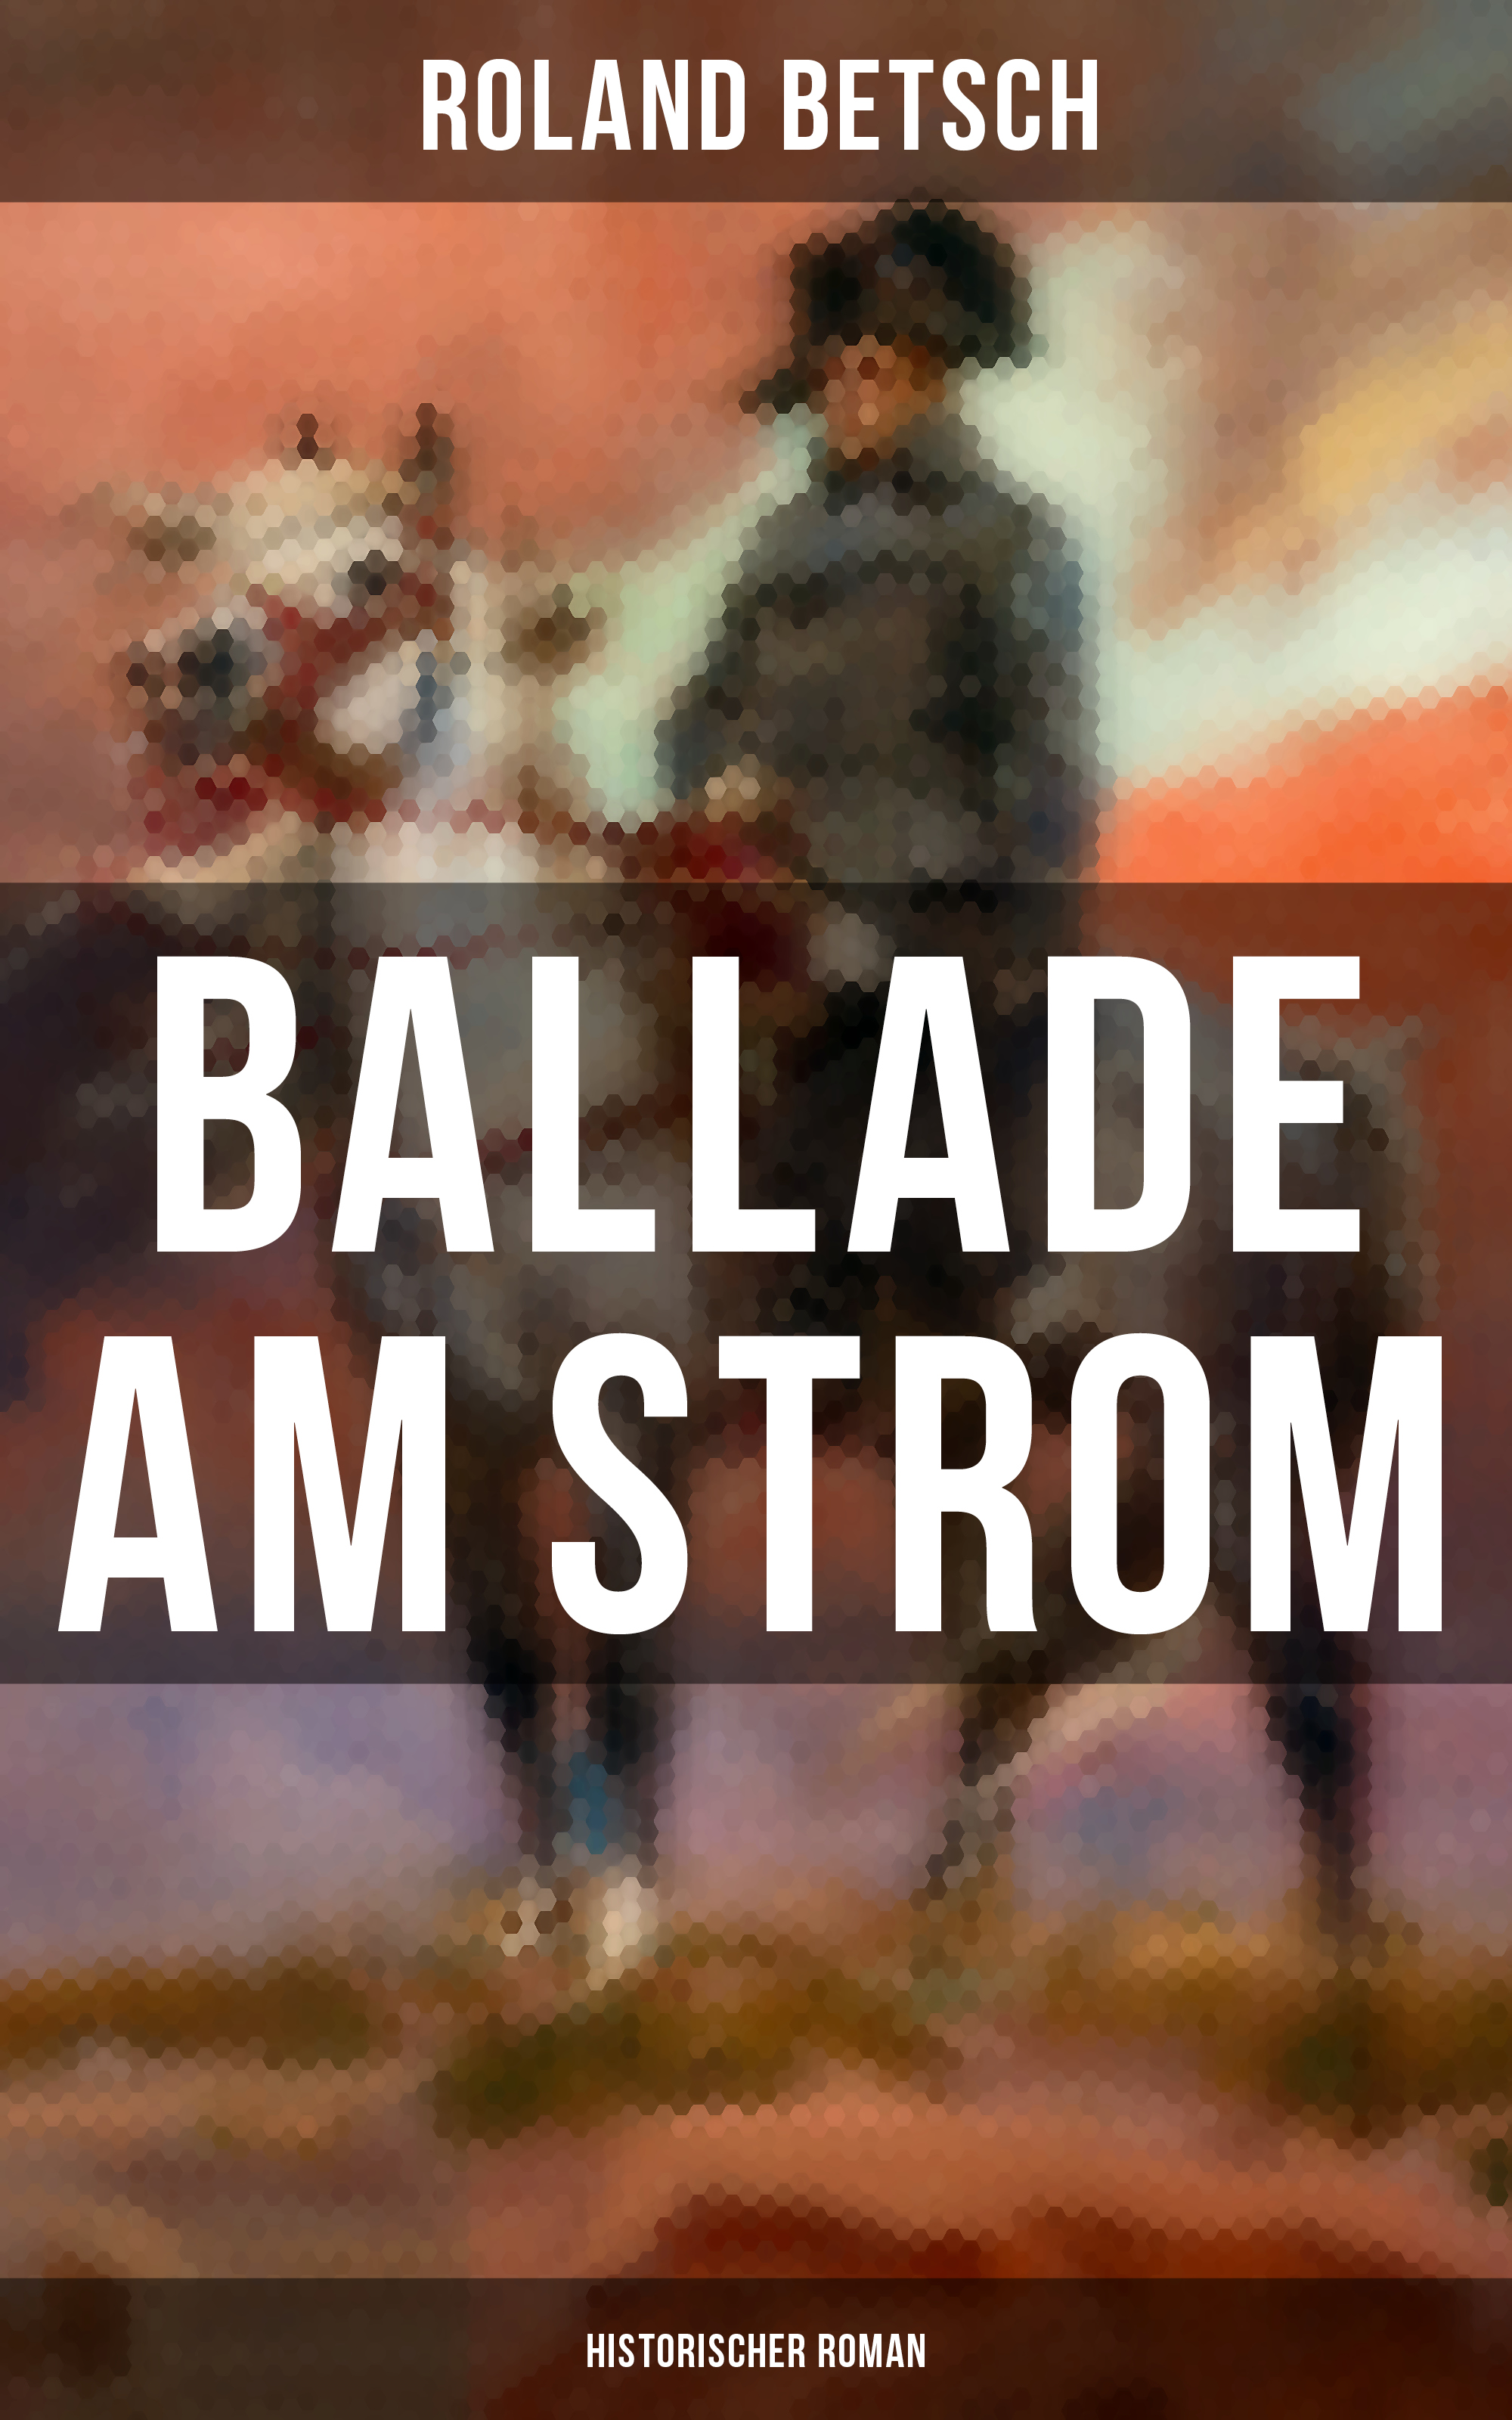 Фото - Roland Betsch Ballade am Strom: Historischer Roman paris s strom robert d strom thinking in childhood and adolescence